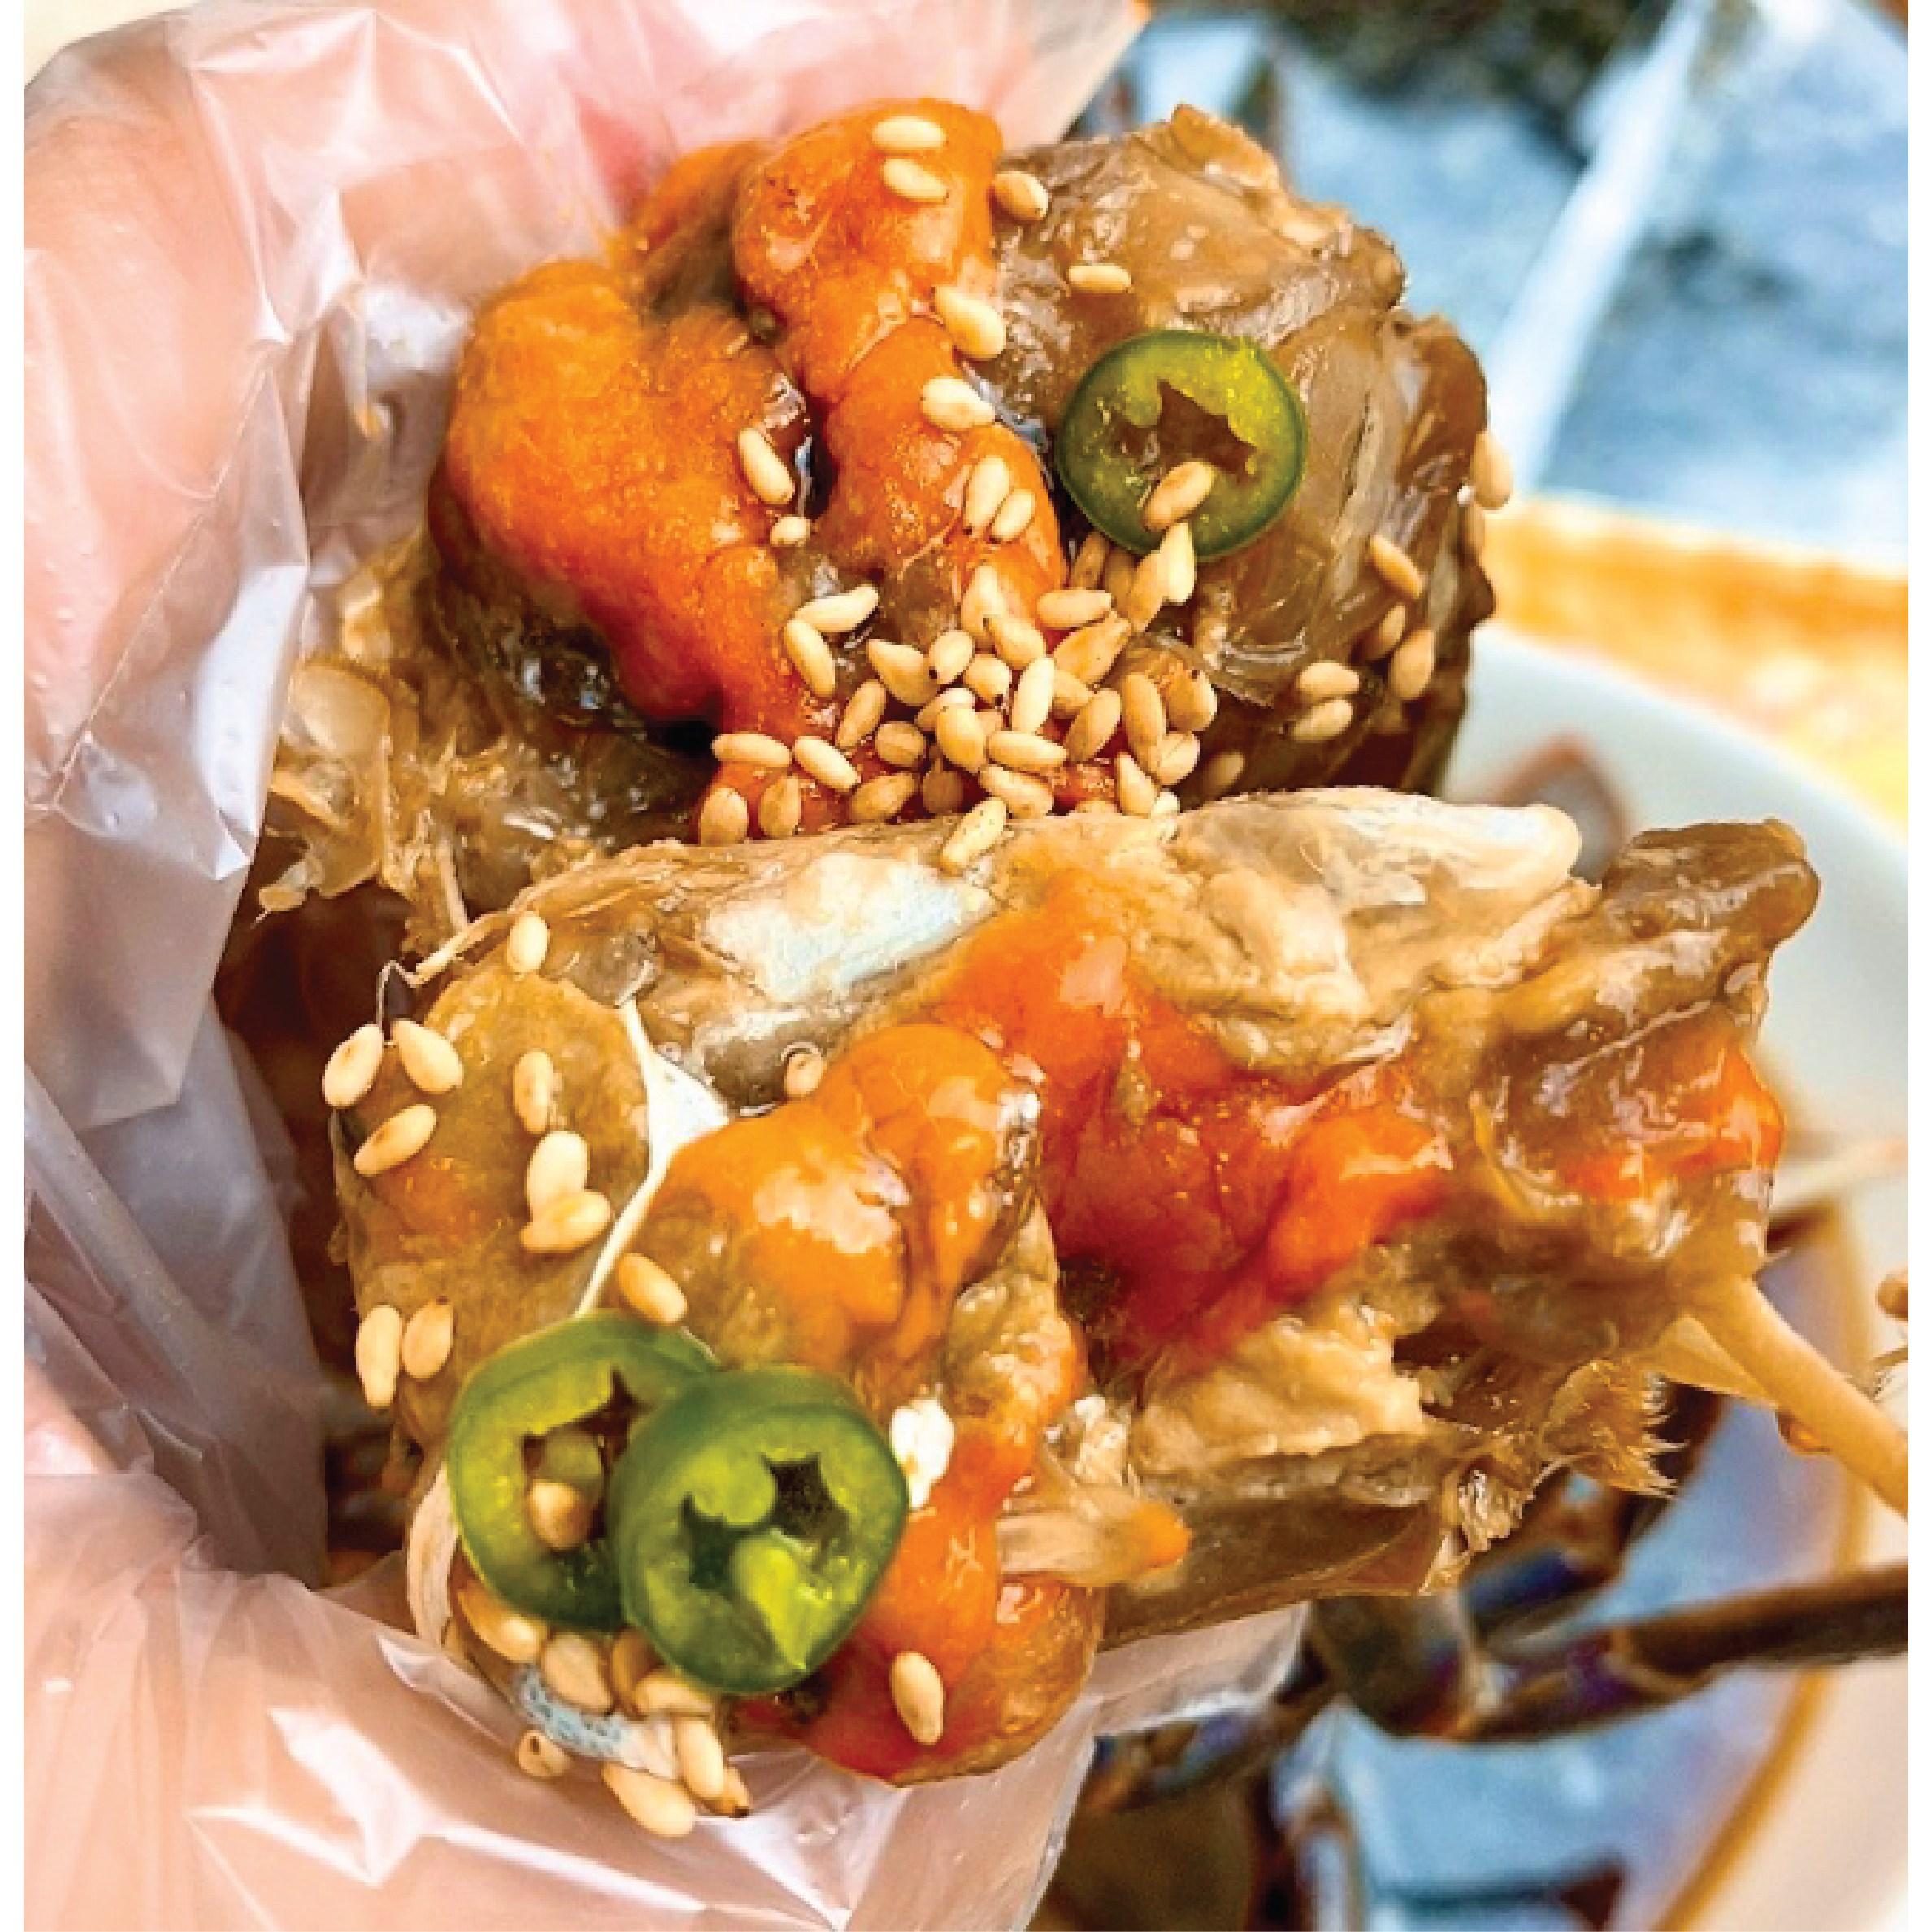 게하식당 손질된간장게장 암게3마리, 3마리, 1kg